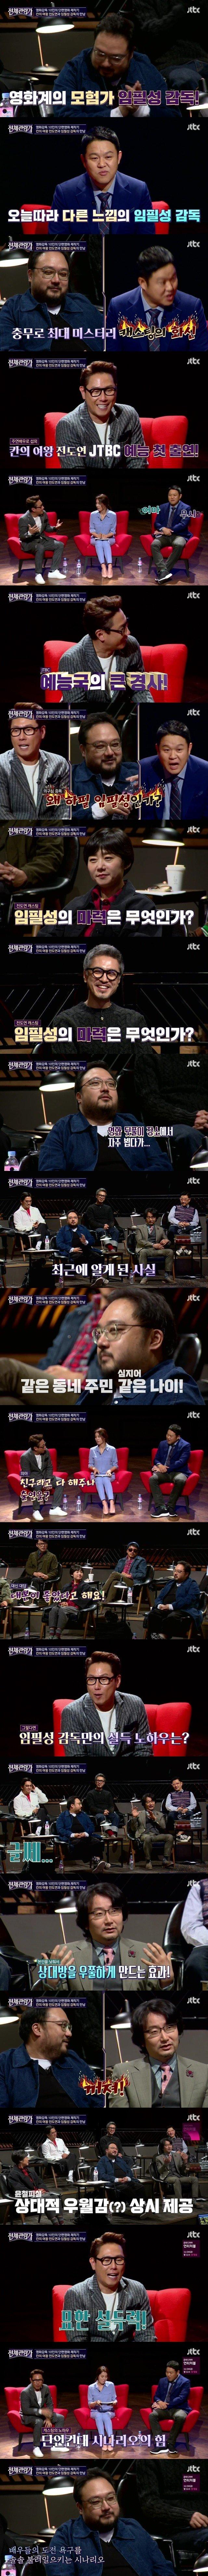 임필성0.jpg 전도연을 단편영화에 캐스팅한 한국영화 최고의 인맥왕.jpg